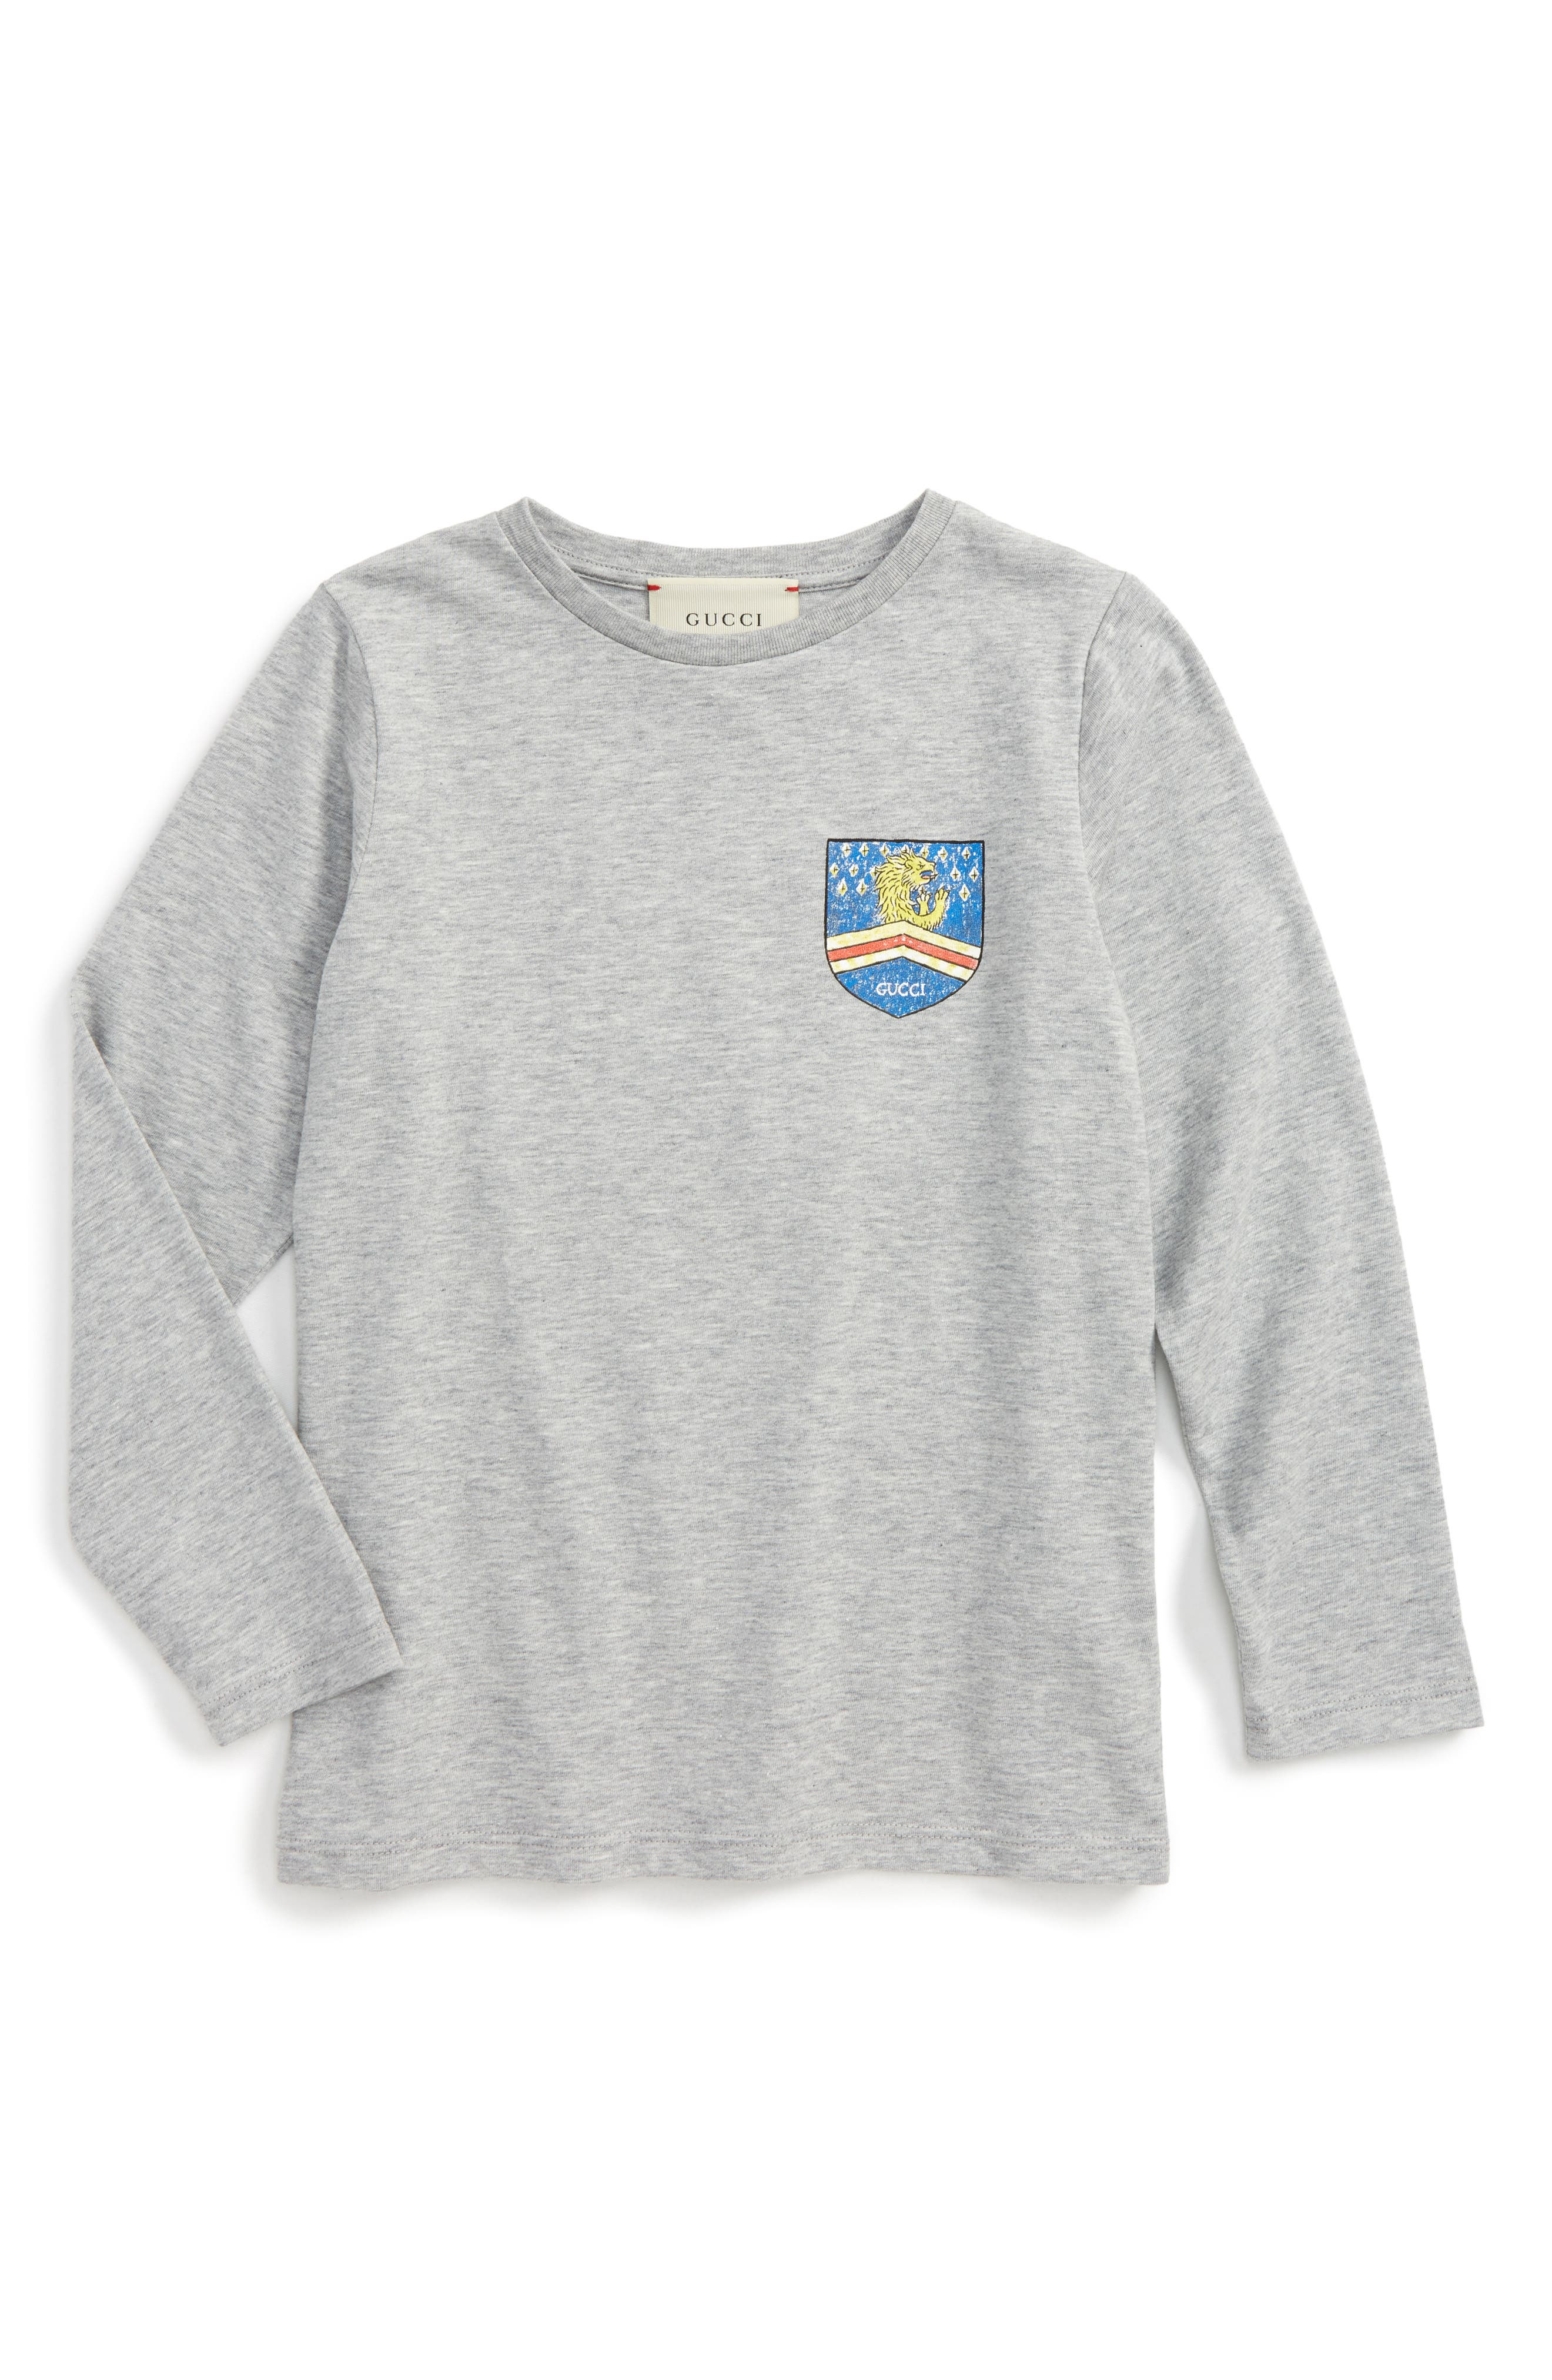 Gucci Graphic Print T-Shirt (Little Boys & Big Boys)